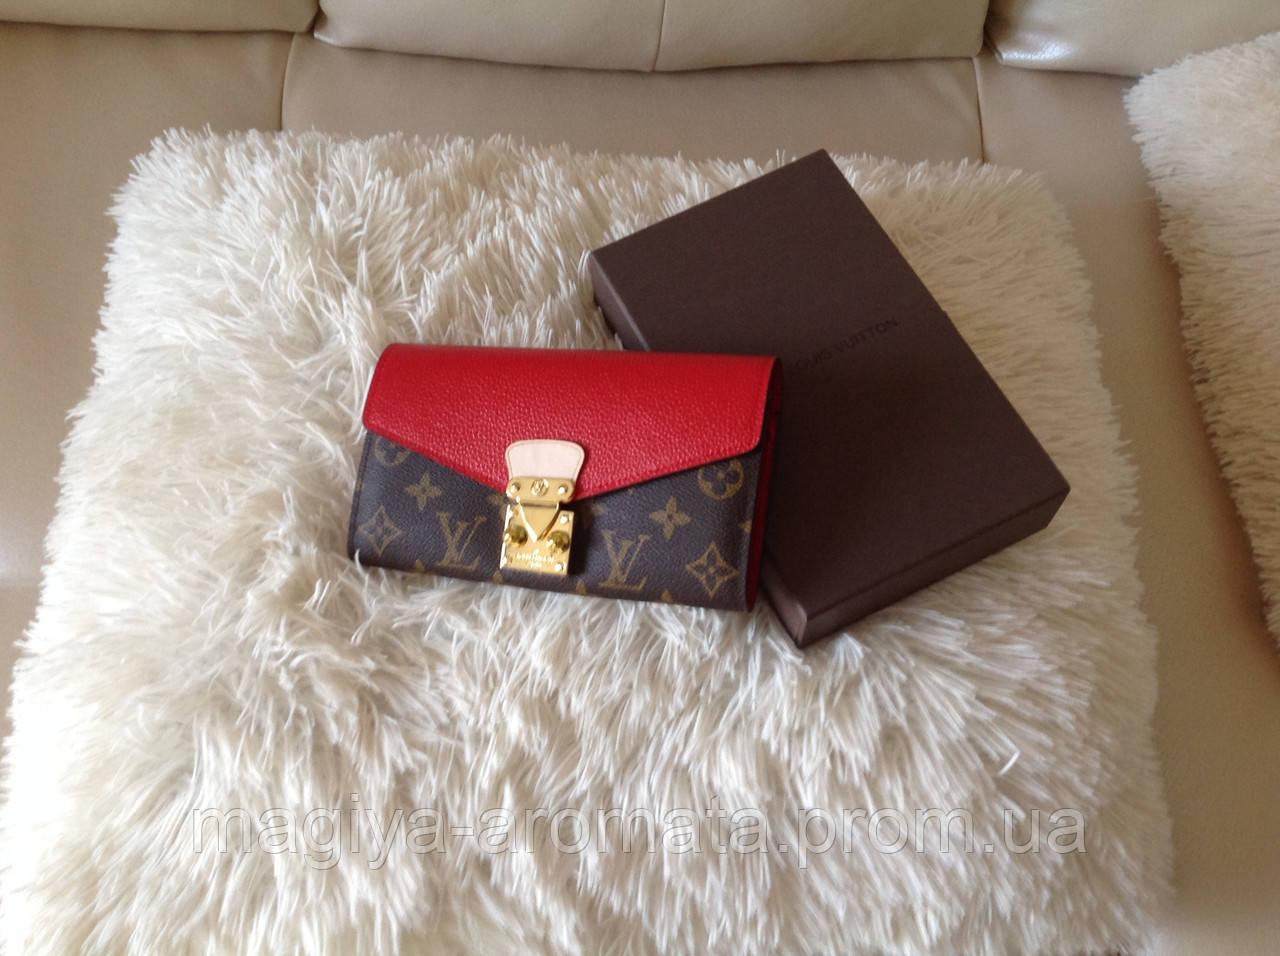 0140209c920f Кожаный Женский Кошелек Louis Vuitton Монограмм Луи Витон — в ...